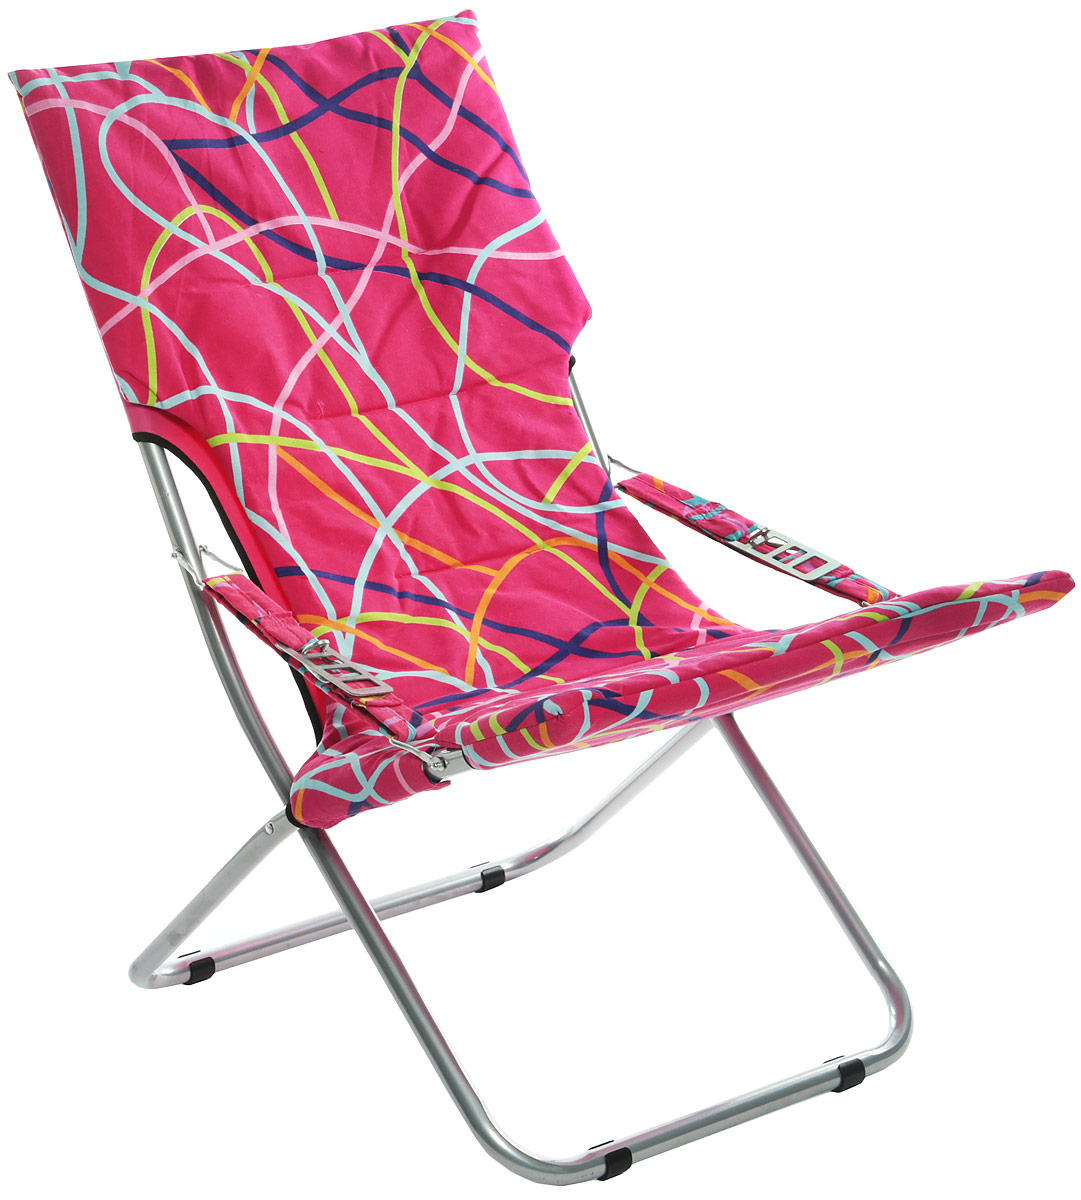 """На складном кресле """"Wildman"""" можно удобно расположиться в тени деревьев, отдохнуть в приятной прохладе летнего вечера. В использовании такое кресло достойно самых лучших похвал. Кресло выполнено из текстиля, каркас металлический.  Мягкий съемный чехол с наполнителем из синтепона крепится на кресло при помощи застежек-липучек.  В сложенном виде кресло удобно для хранения и переноски."""